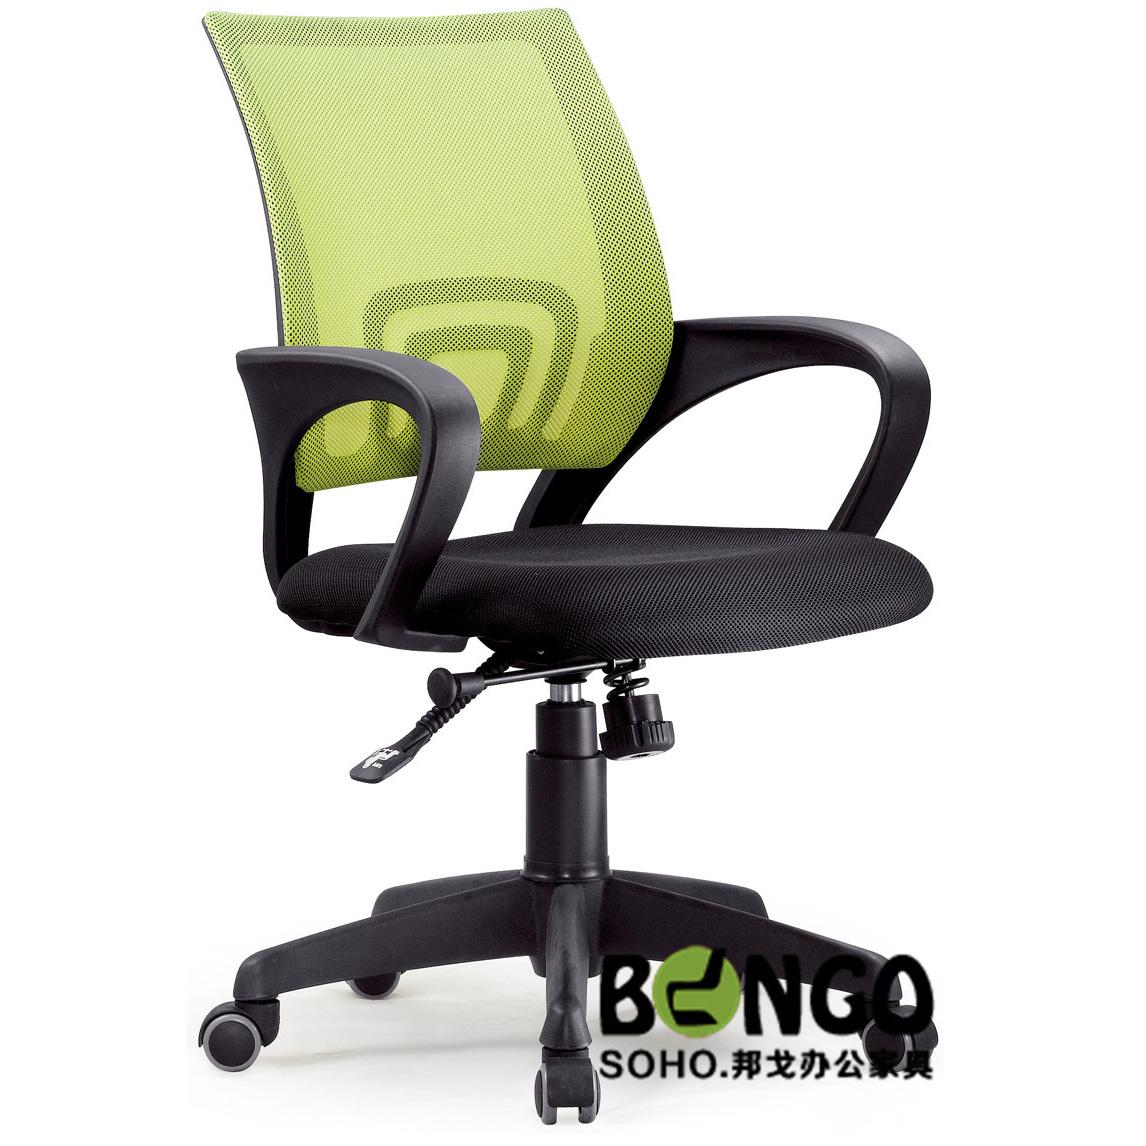 职员办公椅 ZY-BG1626